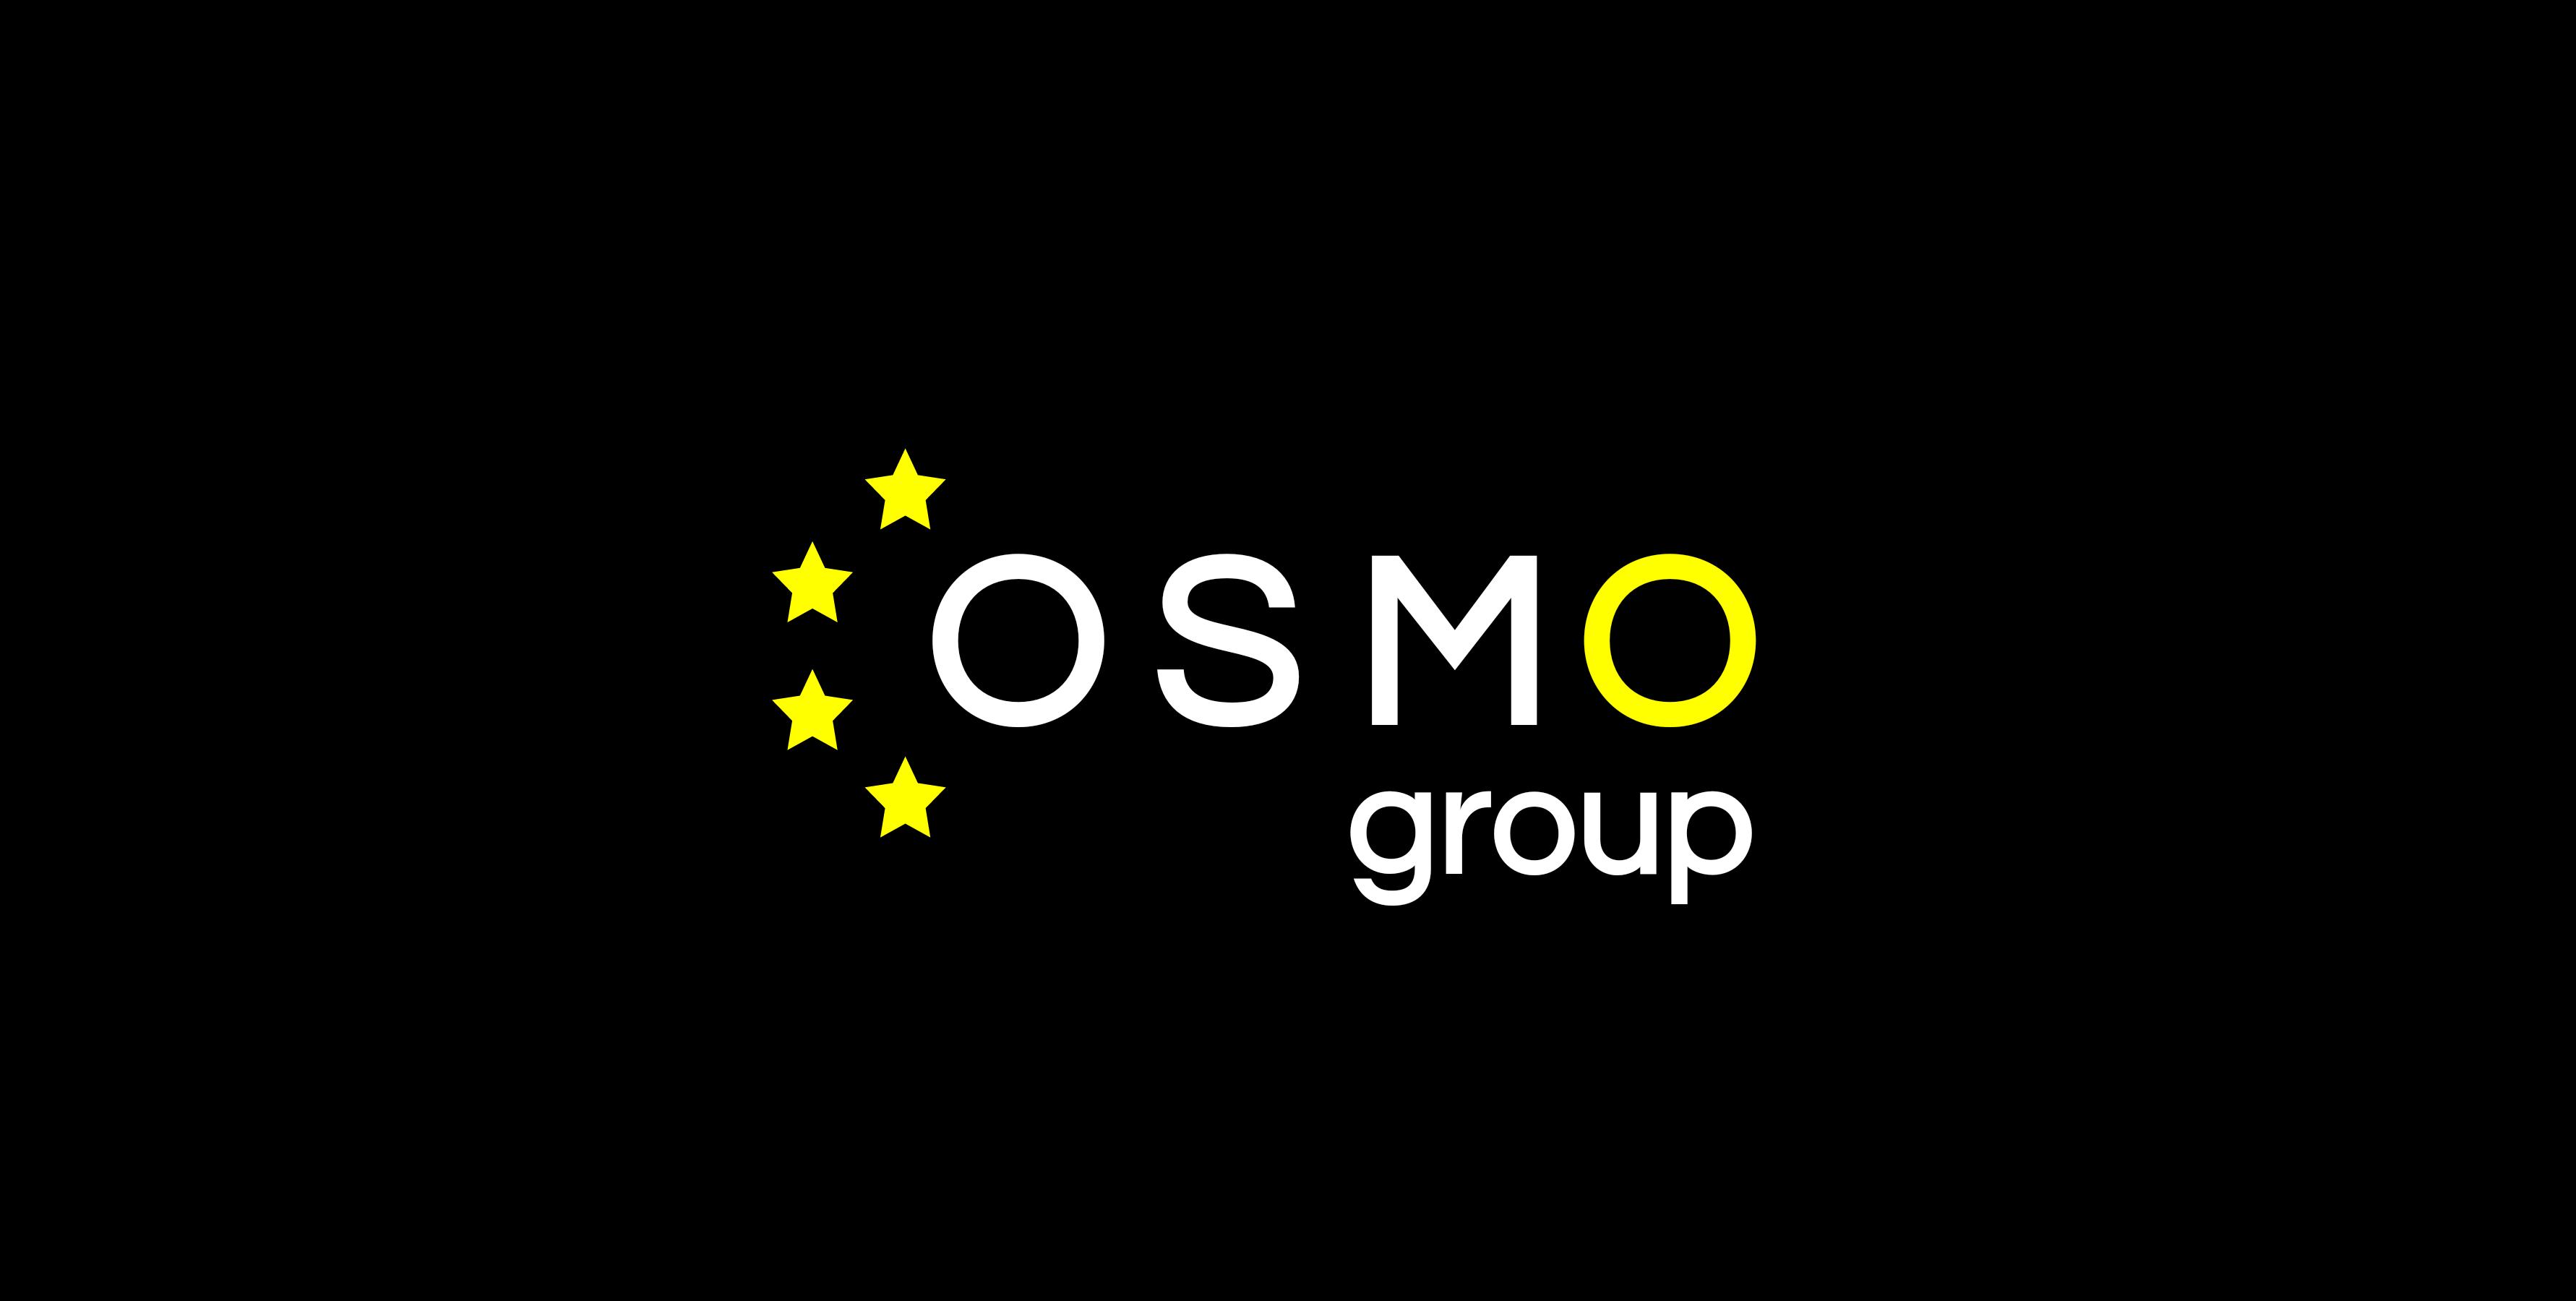 Создание логотипа для строительной компании OSMO group  фото f_54259b6cd290b6bd.png